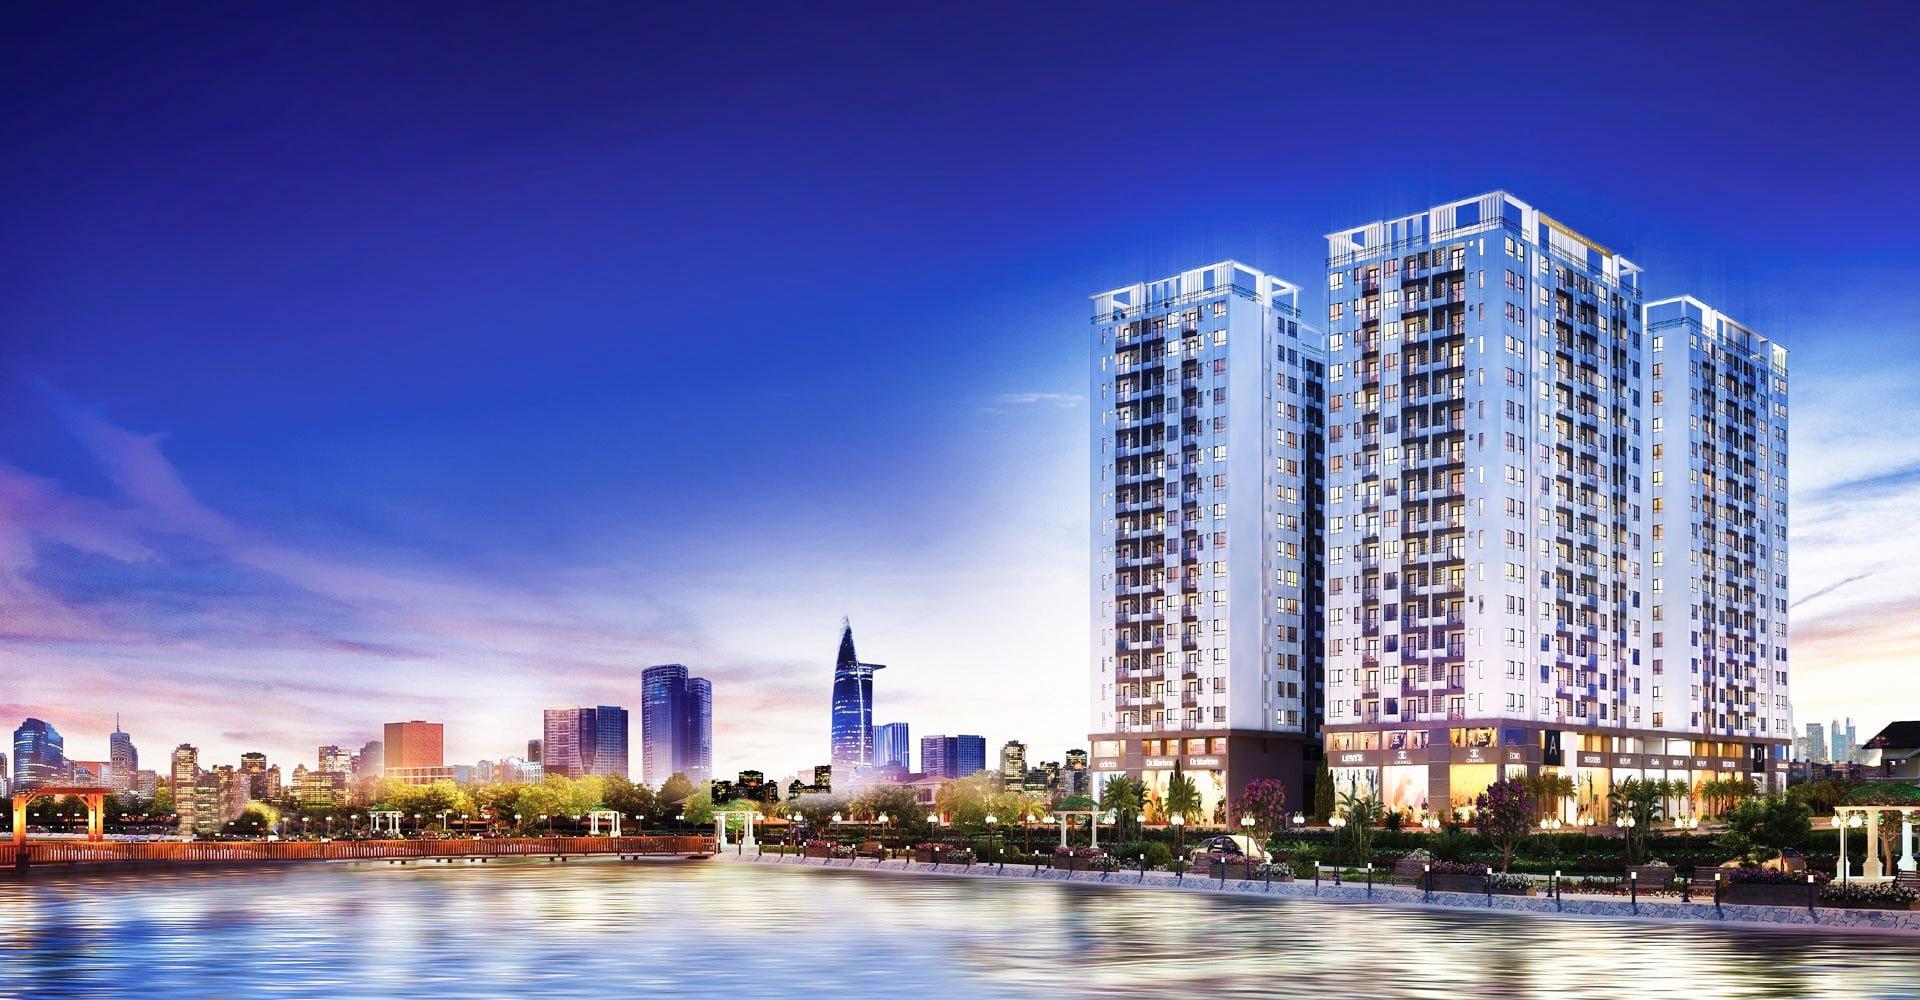 phoi canh can ho city gate quan 8 - DỰ ÁN CĂN HỘ CITY GATE 4 QUẬN 8